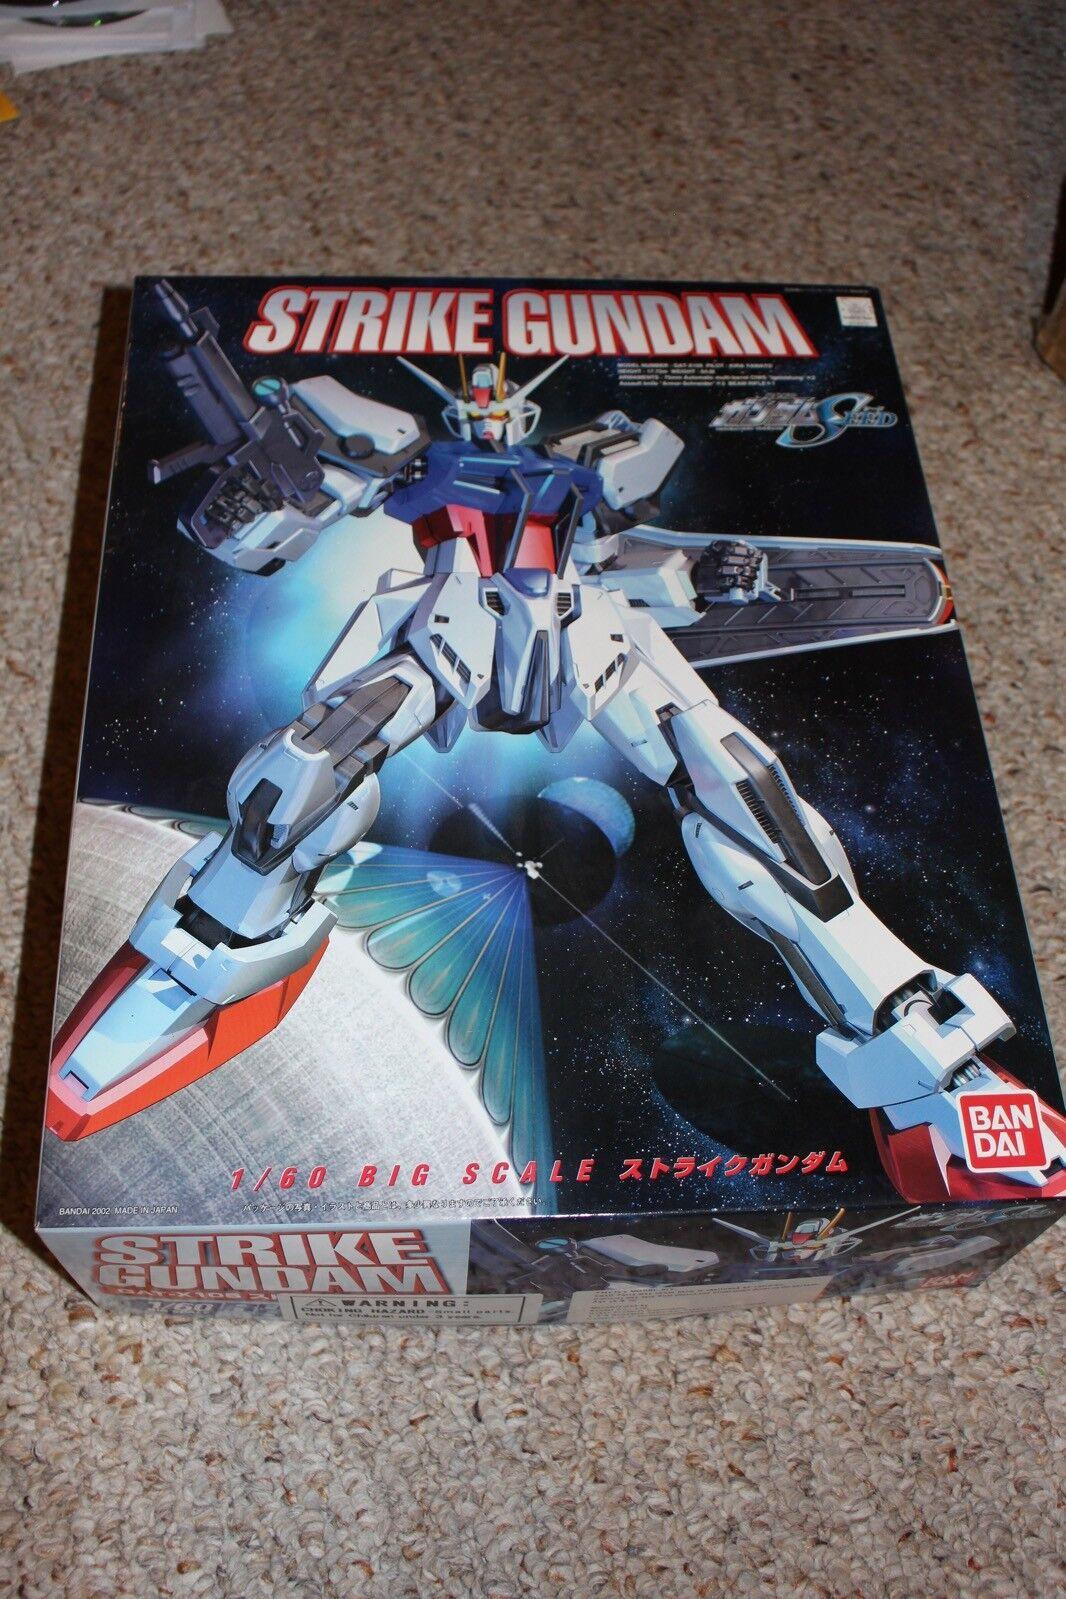 Golpe Gundam Gat X105 1 60th figura Completo en Caja  117 casi nuevo y sin usar 1 60 Modelo